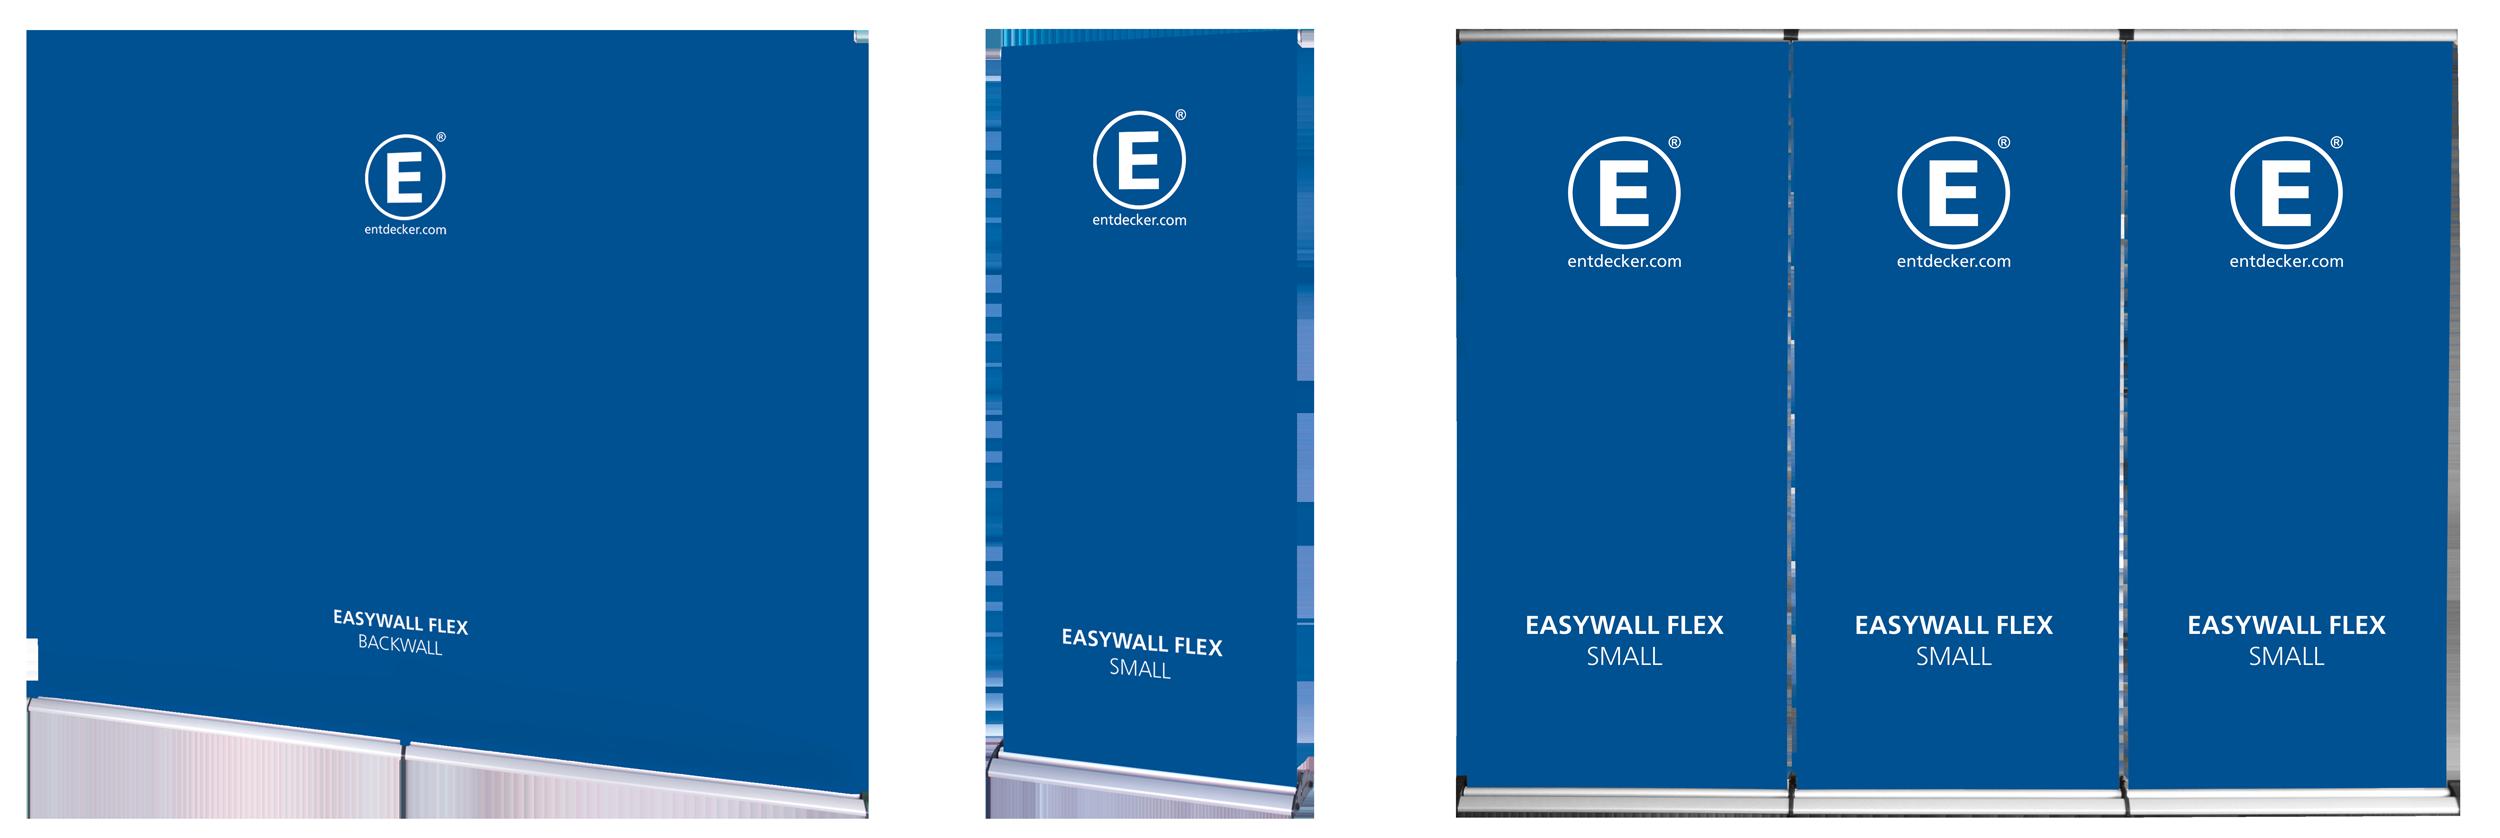 Easywall Flex Uebersicht